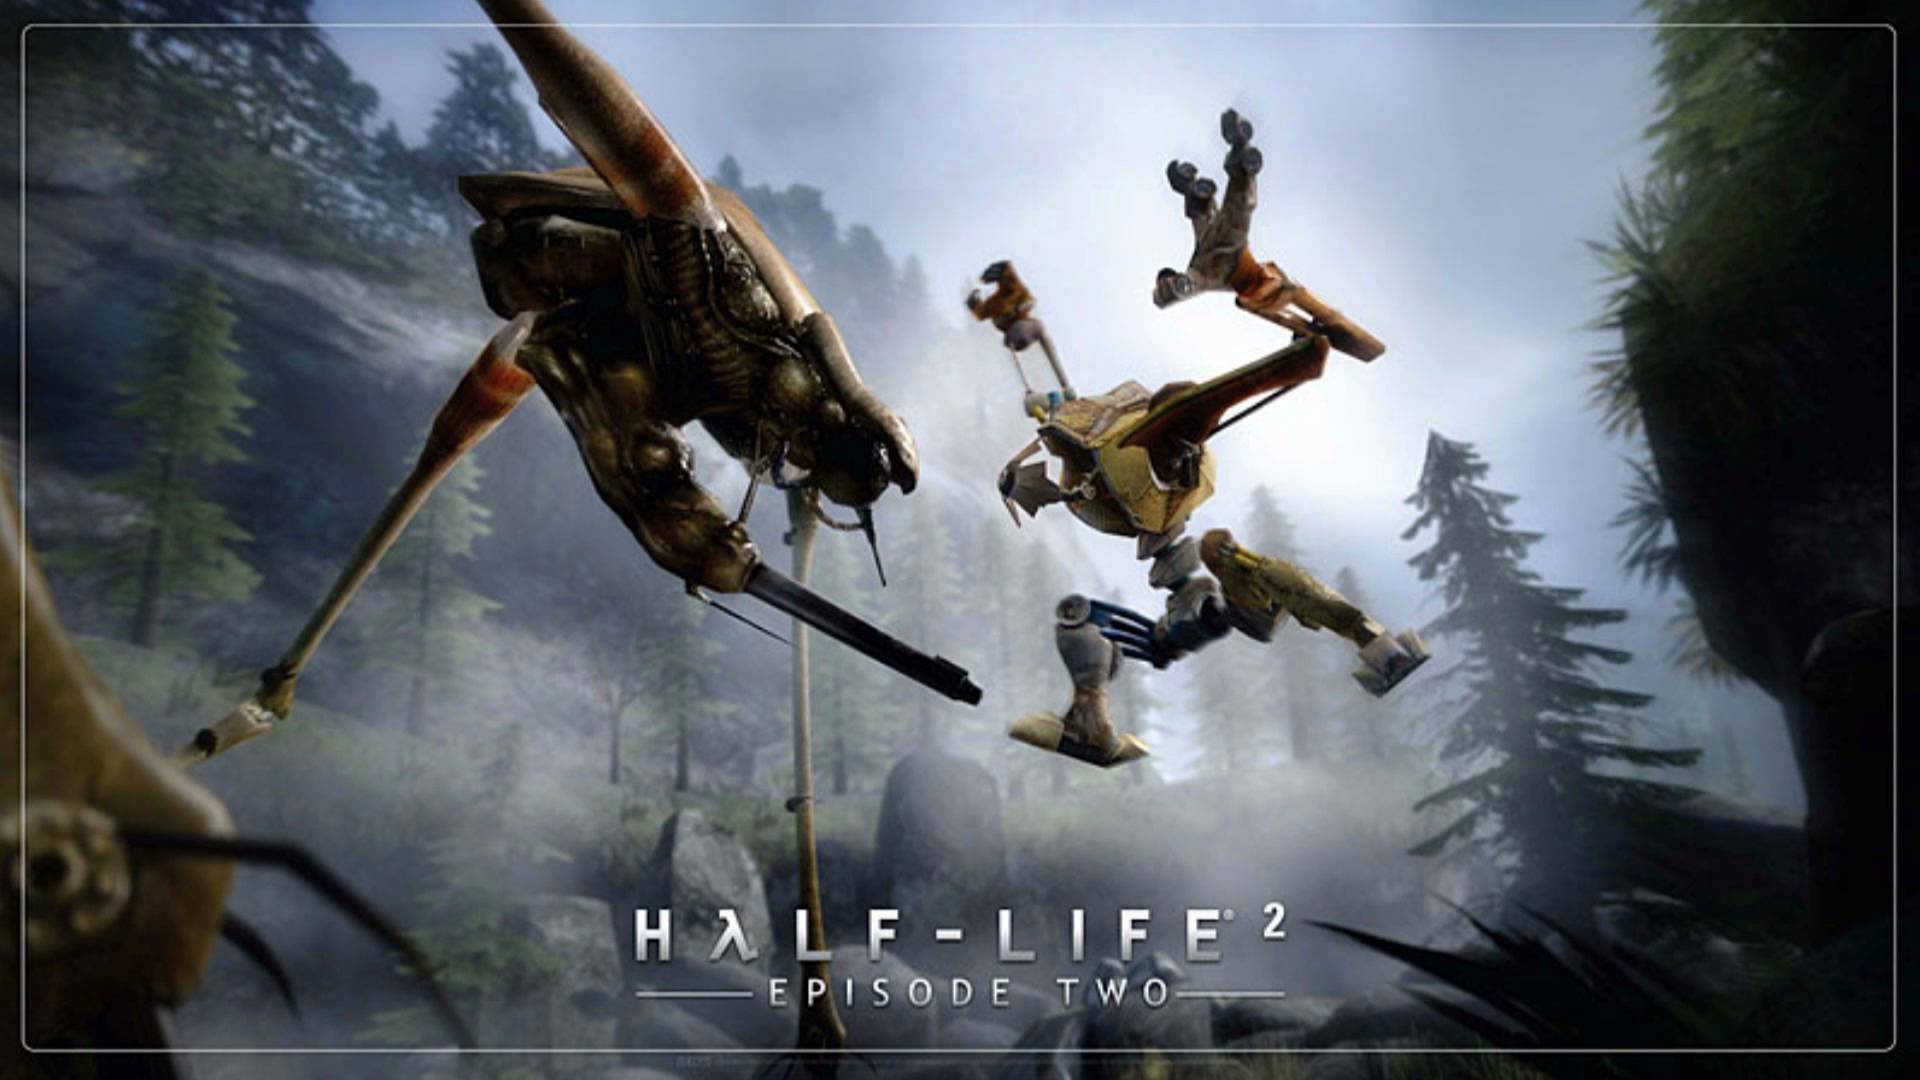 10 năm trước, Valve từng làm điều khiến hàng triệu game thủ hài lòng nhưng nhiều hãng game cho là điên khùng